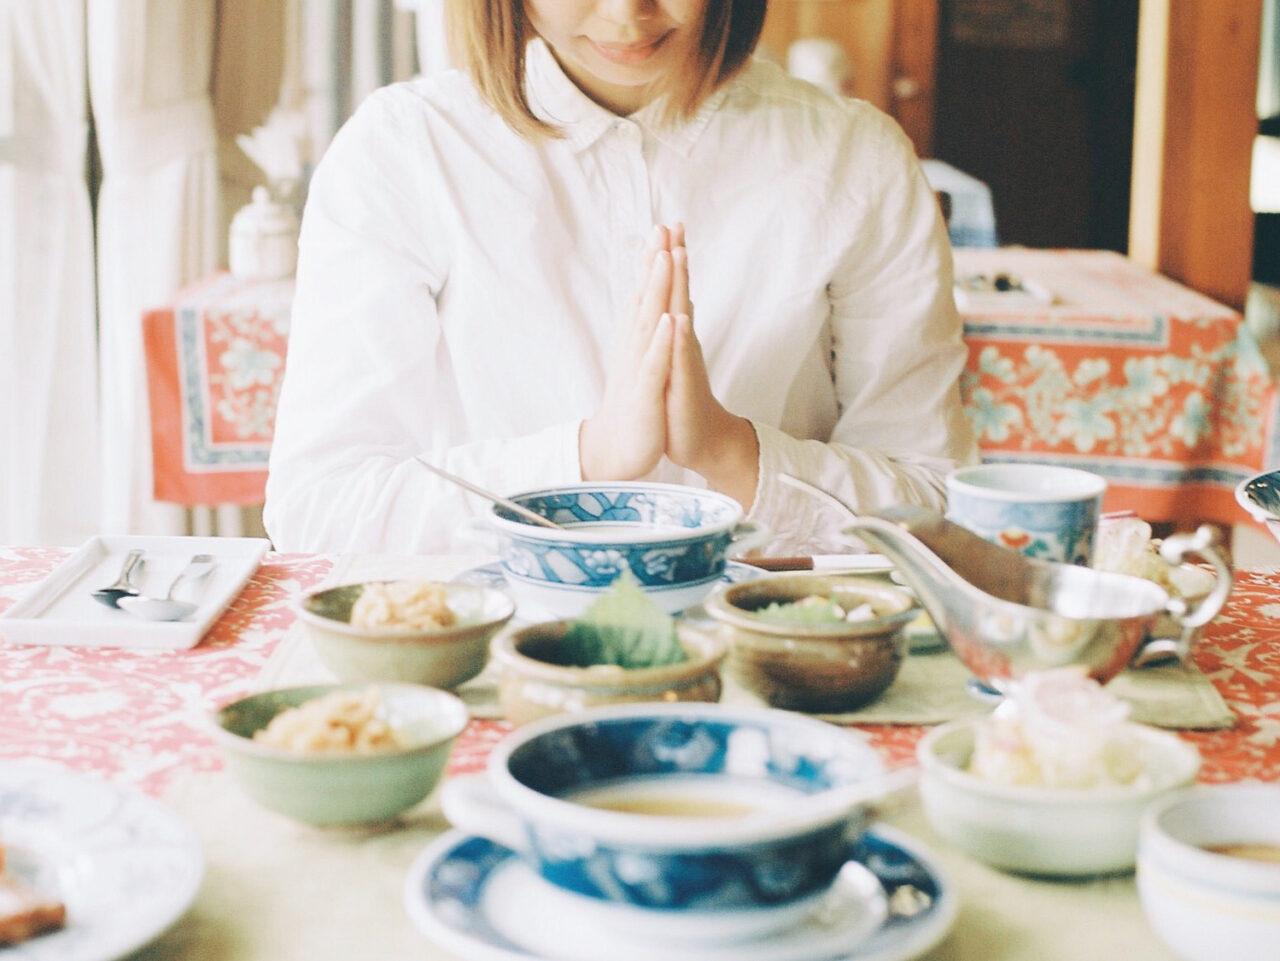 食べ方が綺麗って絶対的に好印象。全方位モテに通ずる食事のマナーをおさらい!